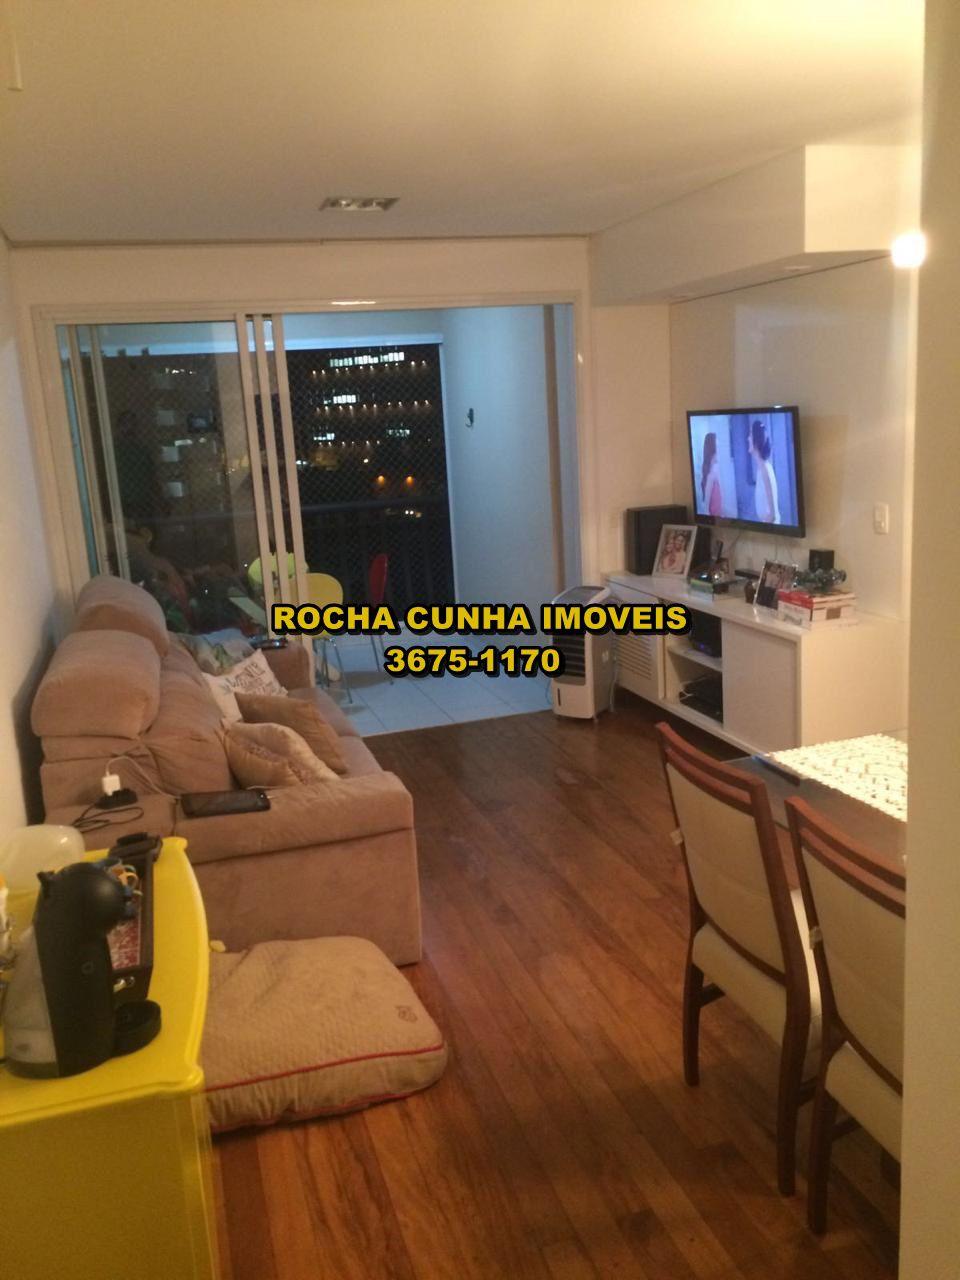 DEPOIS - Apartamento 2 quartos à venda São Paulo,SP - R$ 890.000 - VENDA0100 - 23